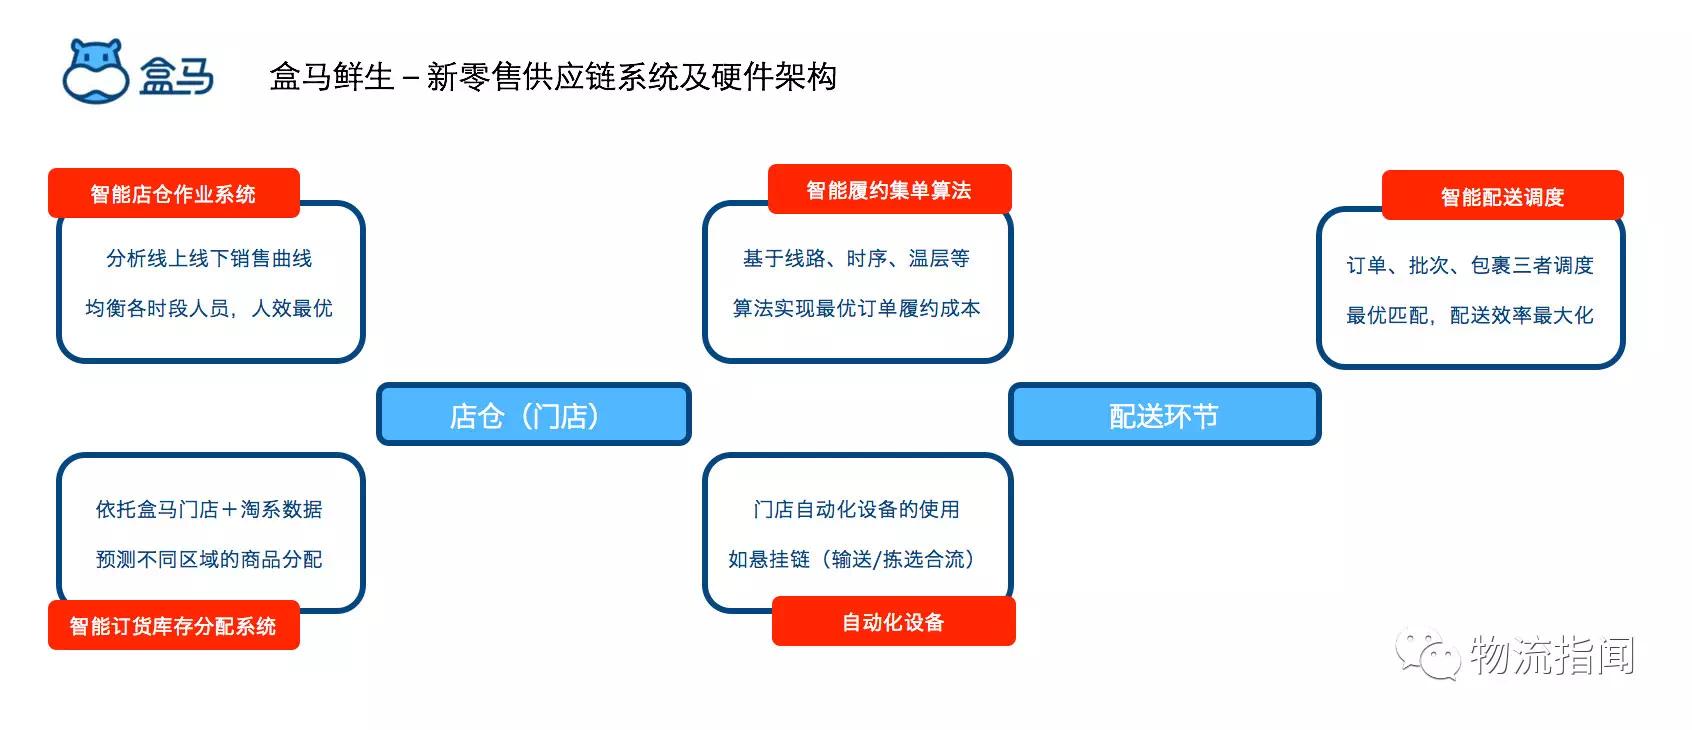 盒马鲜生-新零售供应链系统及硬件架构